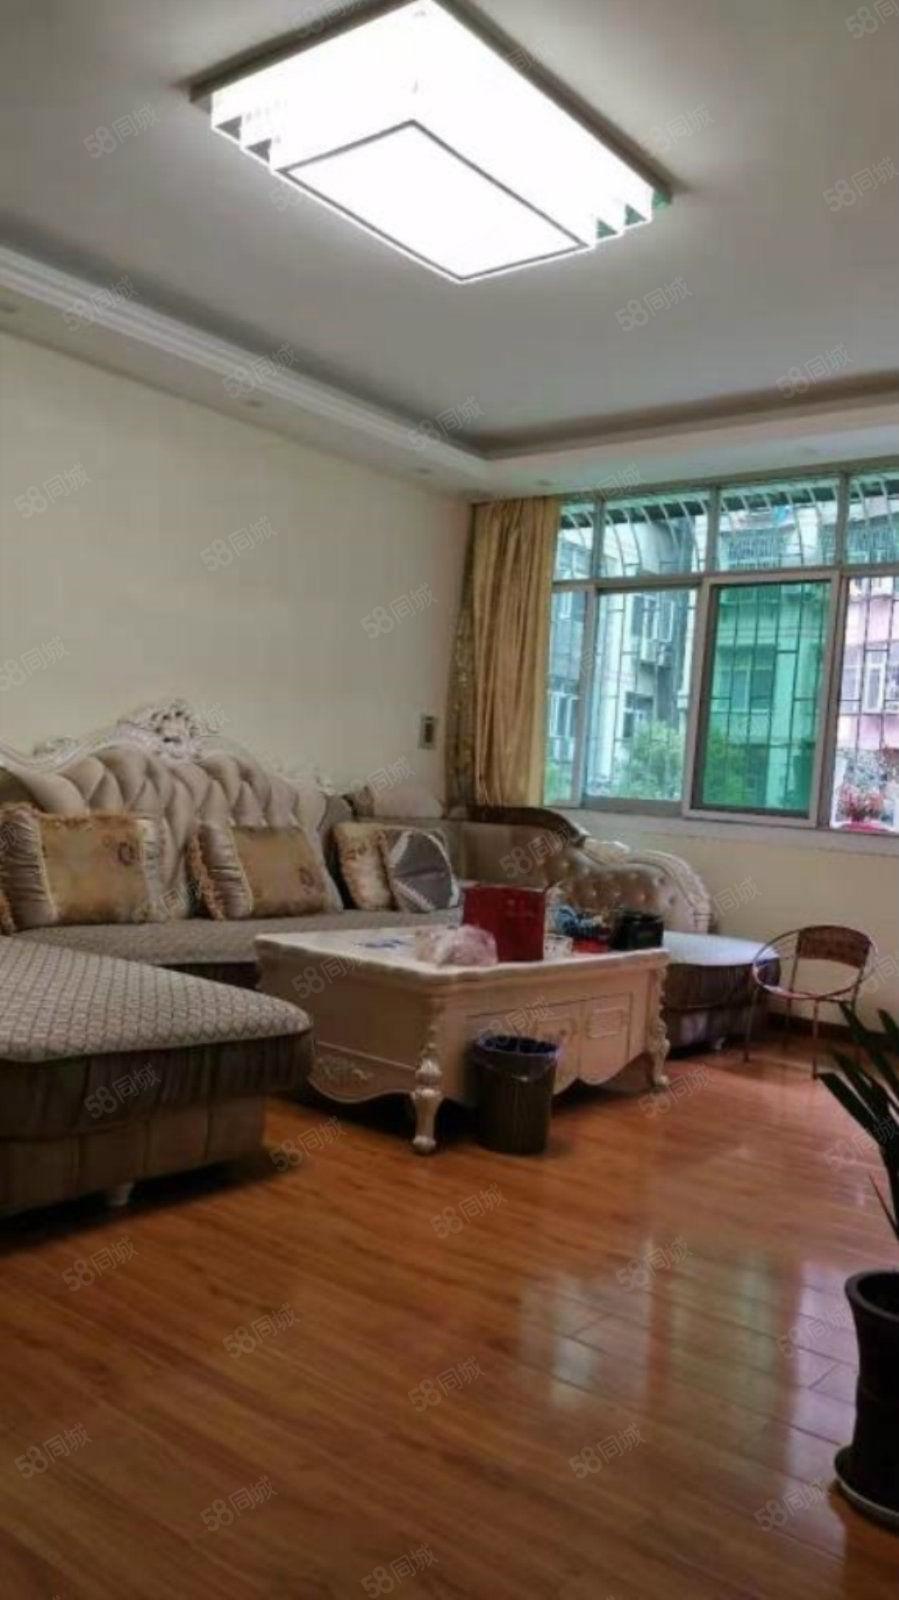 滨湖小区,万联附近,房东近年豪华装修,步梯中间楼层